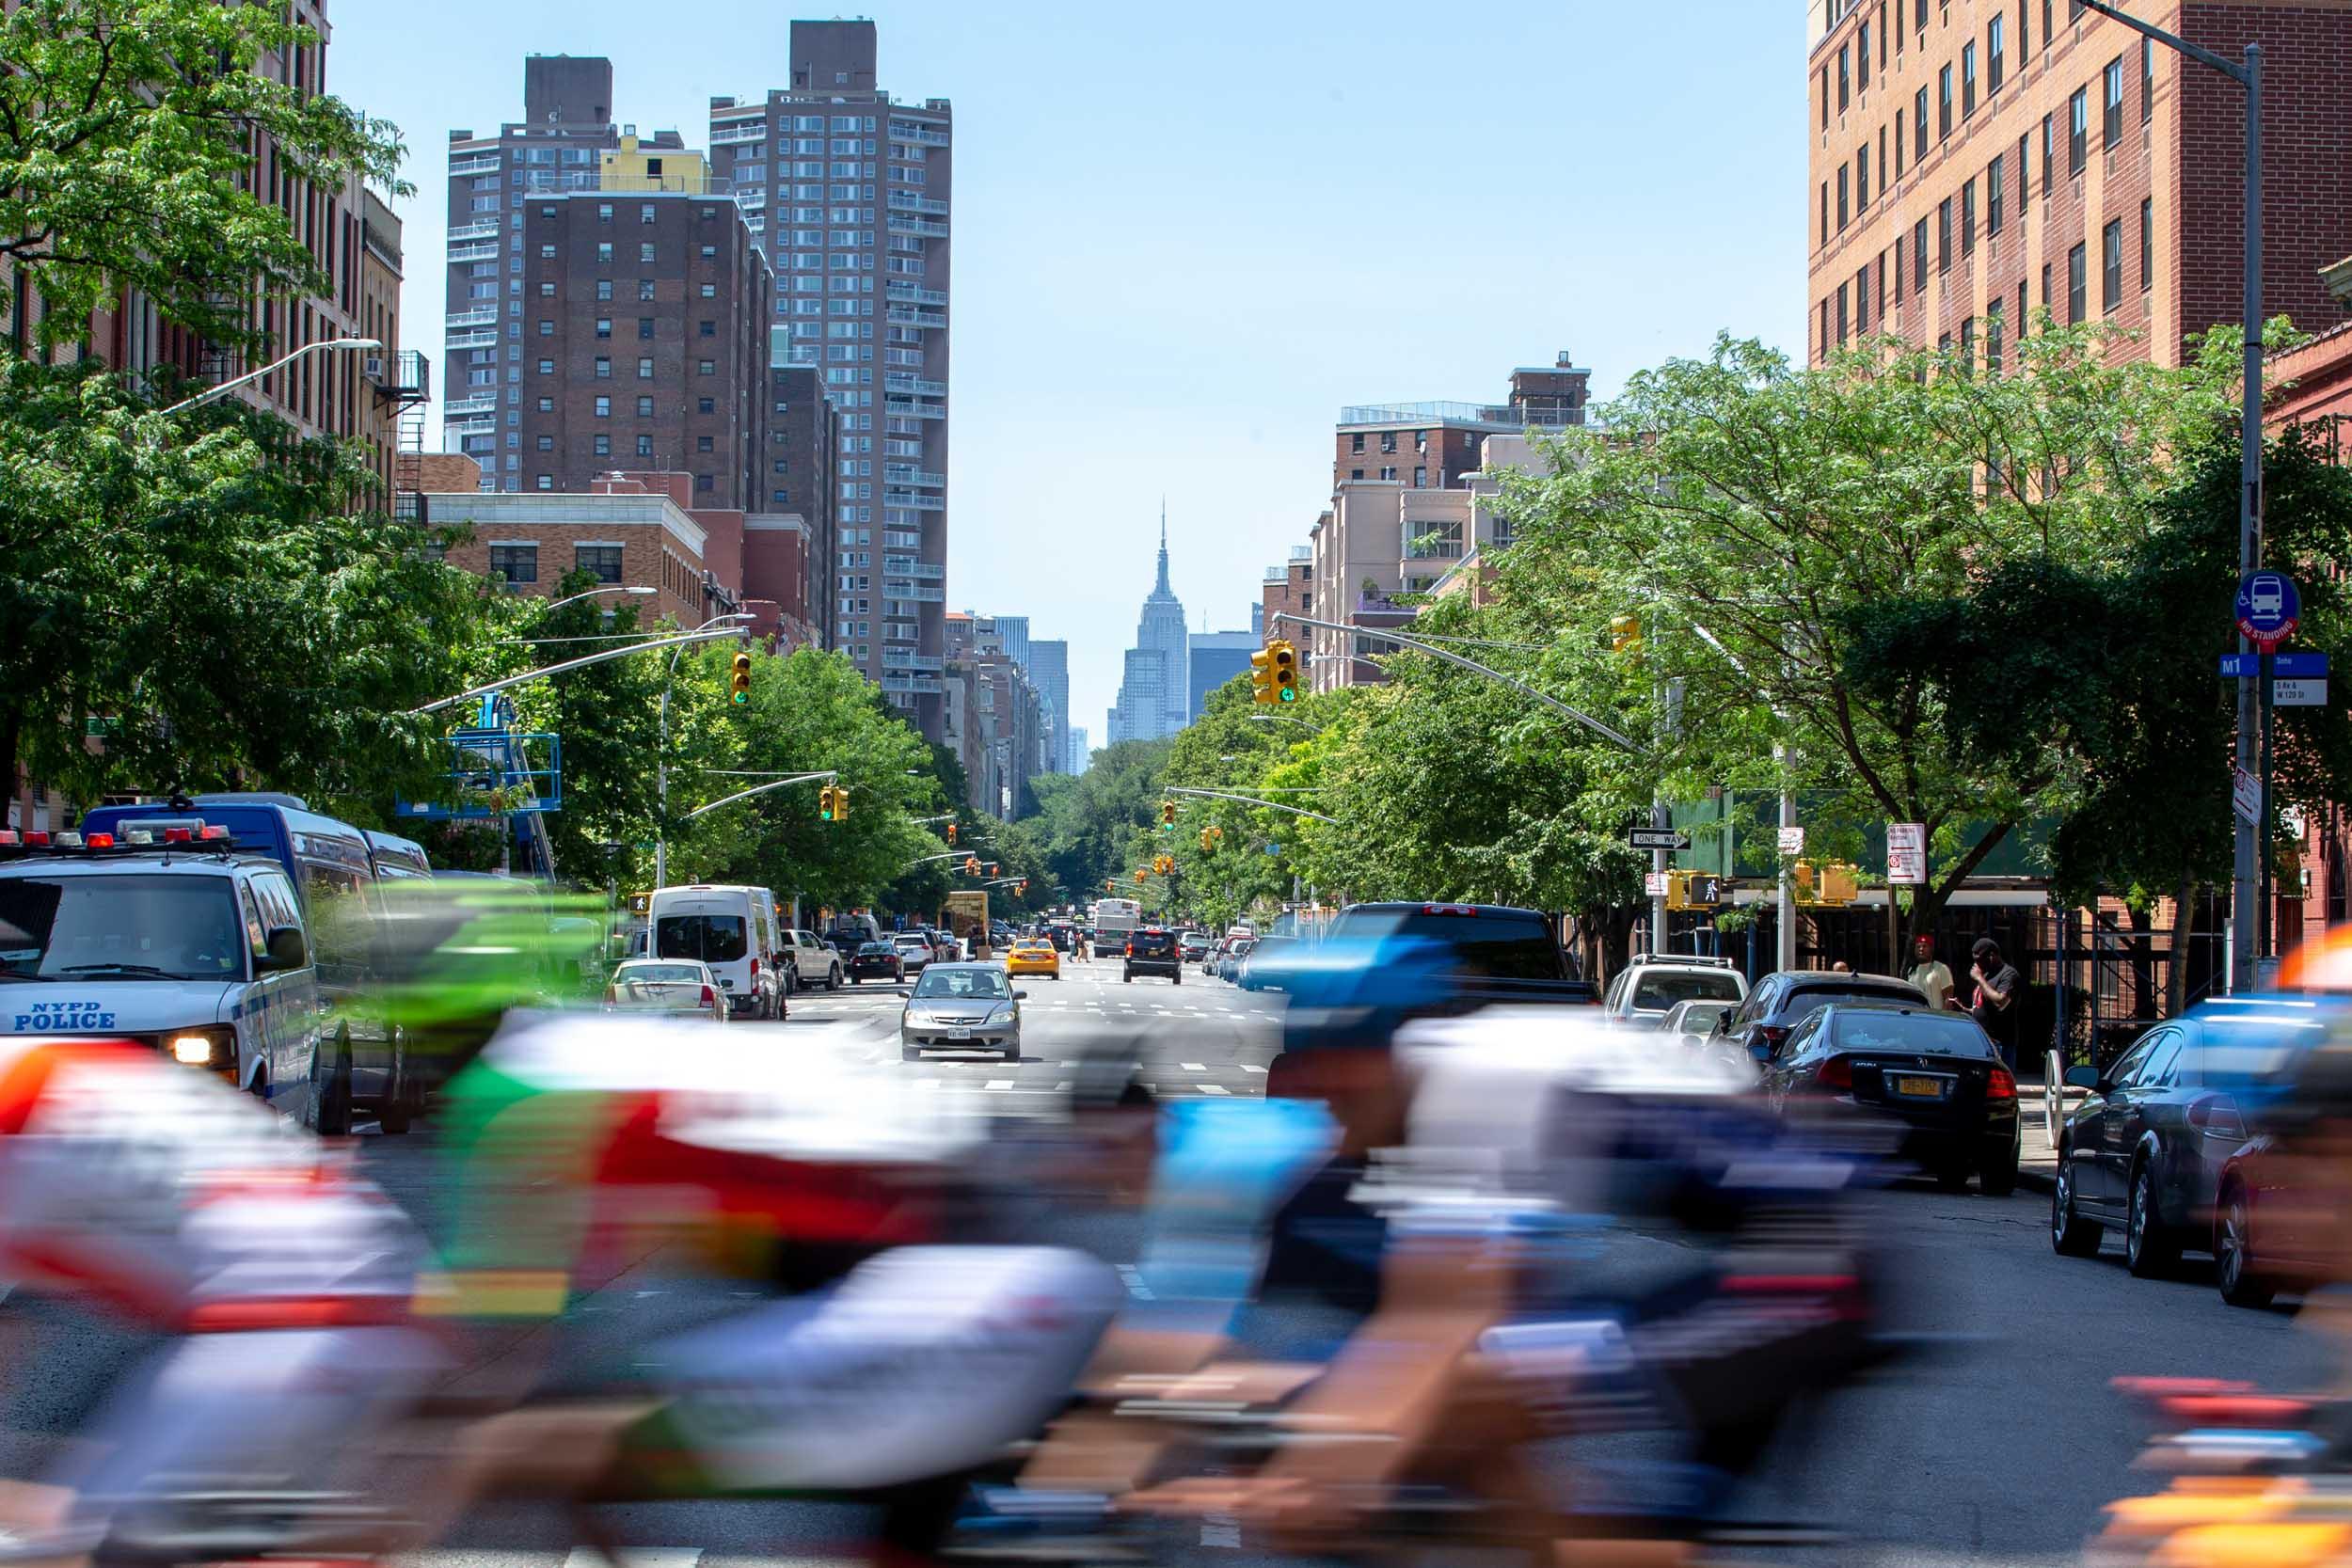 Harlem_17JUNE2018_BicycleRacingPictures_1.jpg